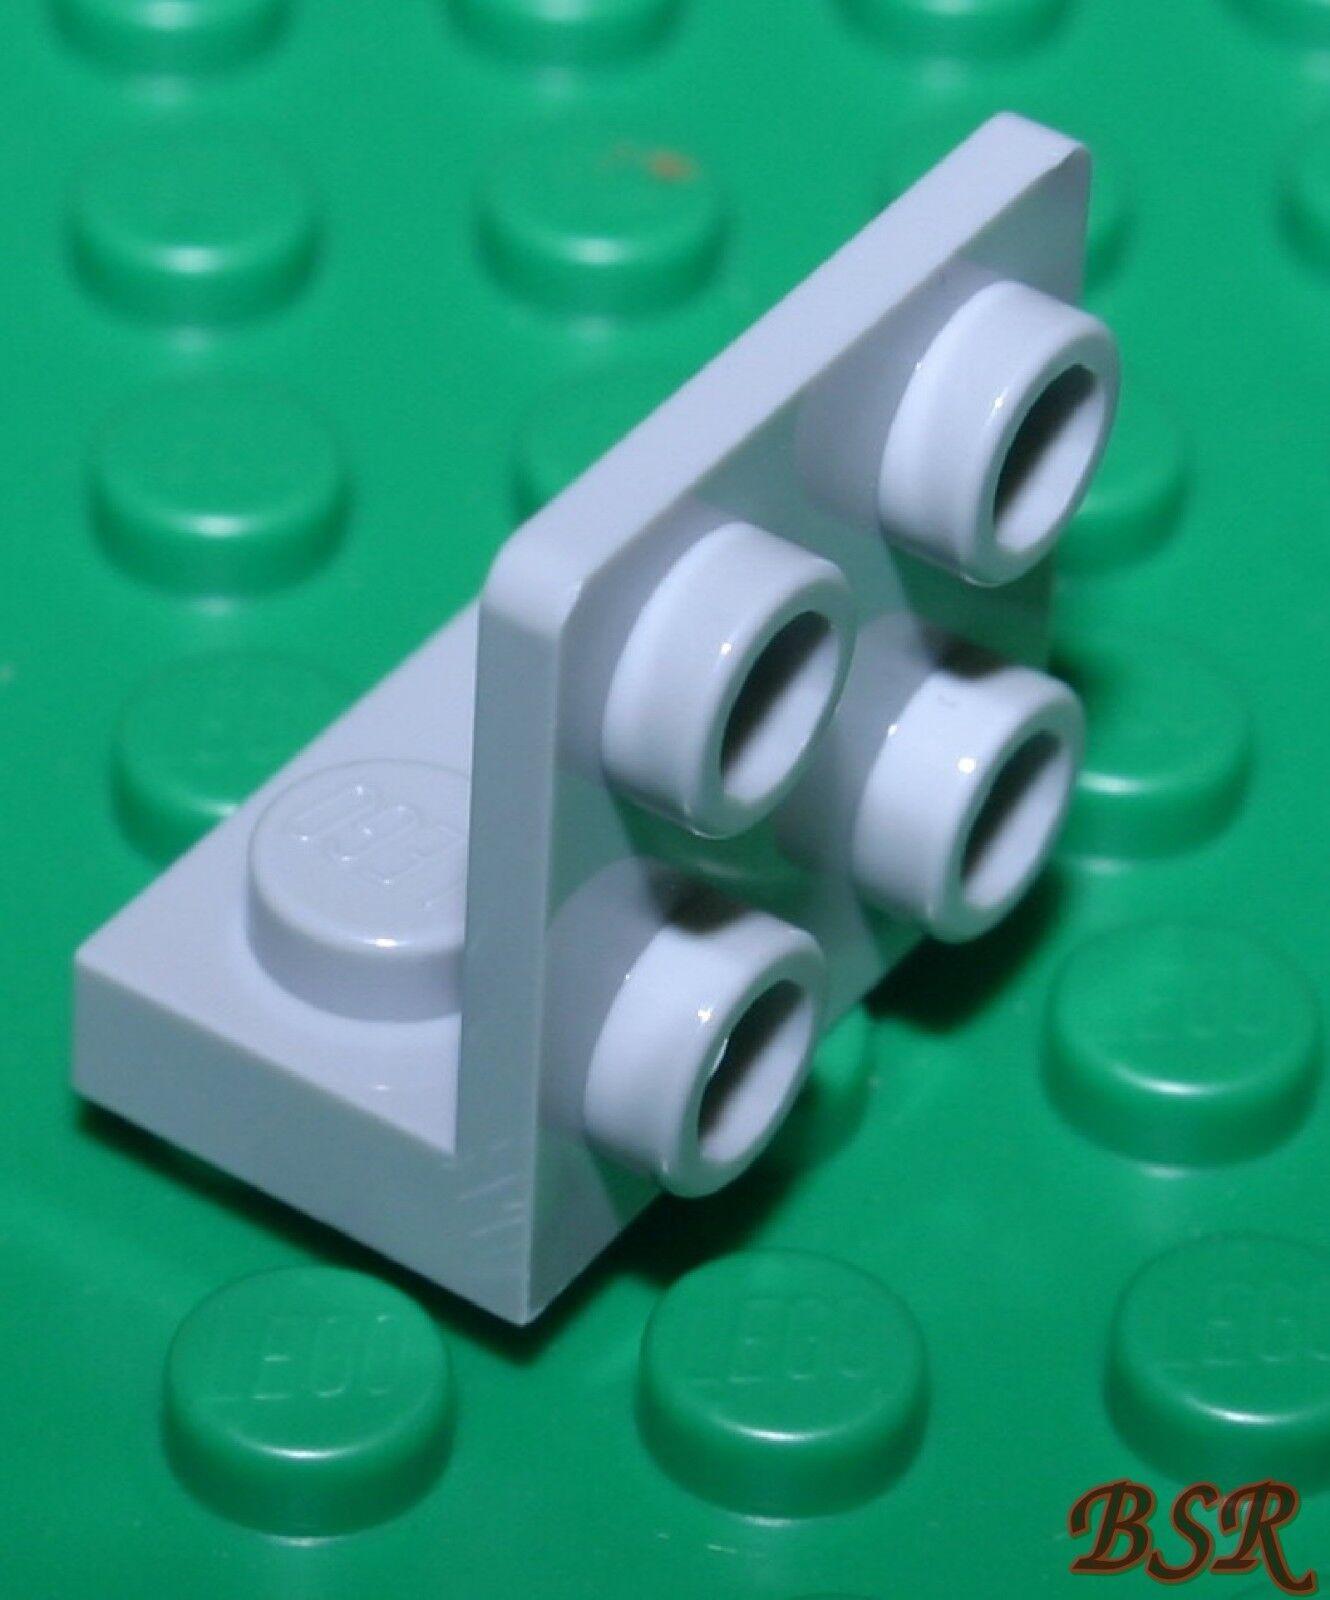 Lego Platte Bauplatte A-Form schwarz 4 Stück »NEU« # 15706